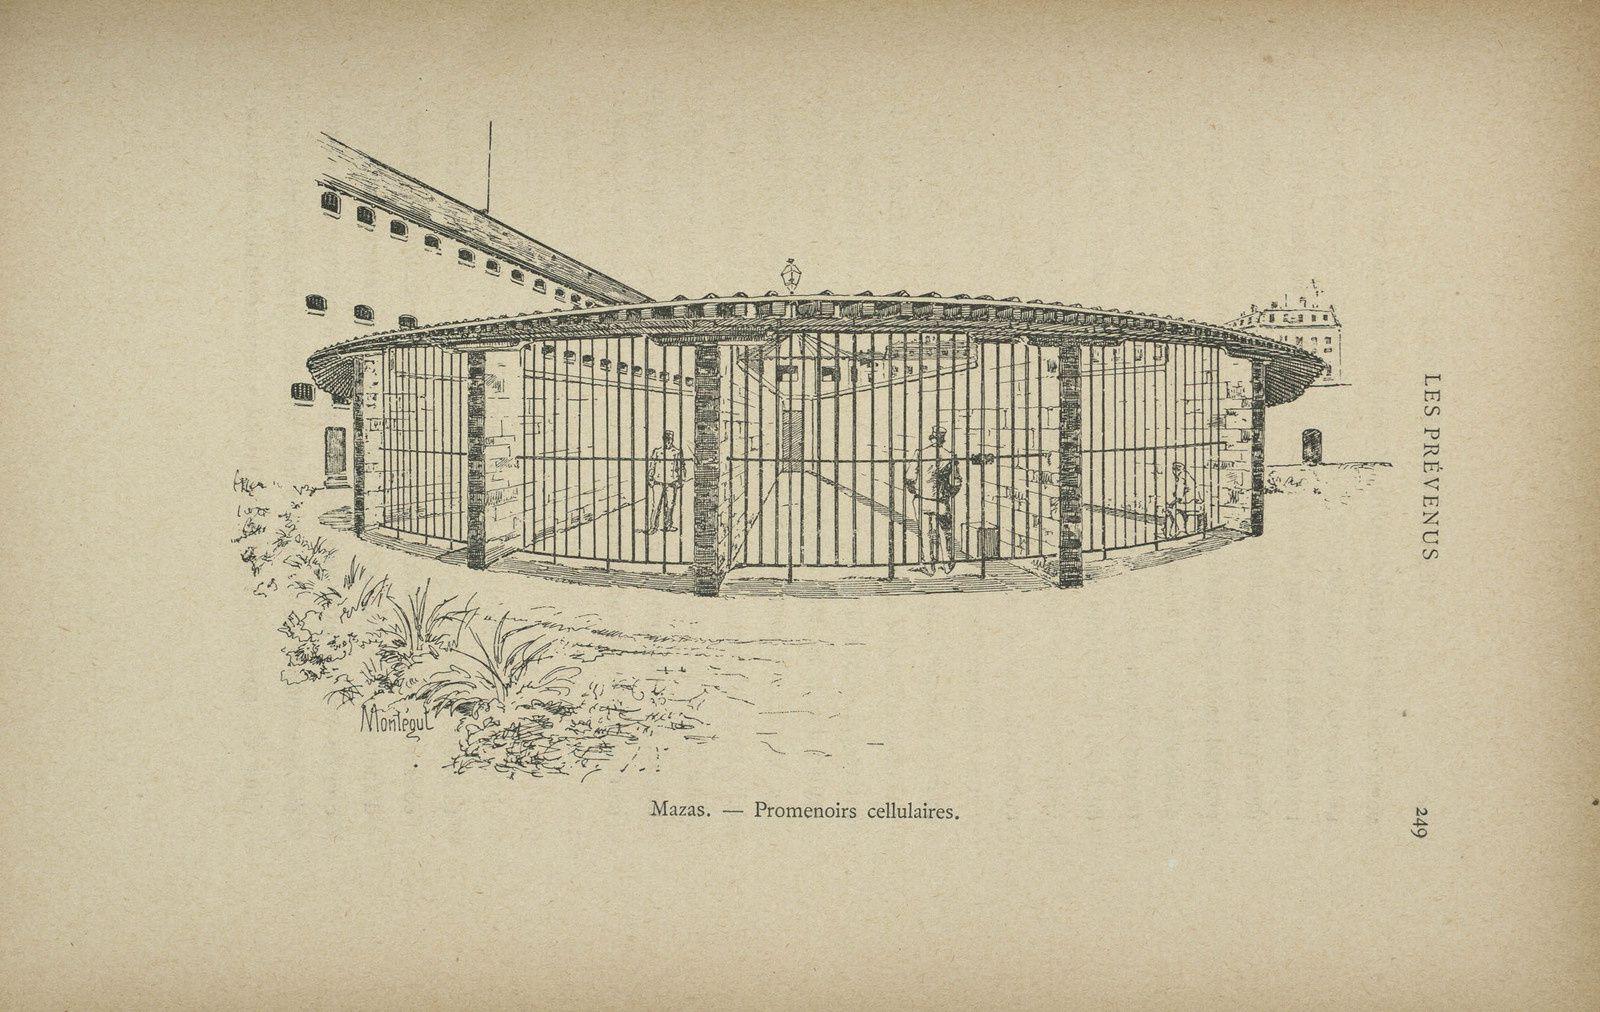 Du nom du colonel mort à la bataille d'Austerlitz (un de plus !) : La prison de Mazas